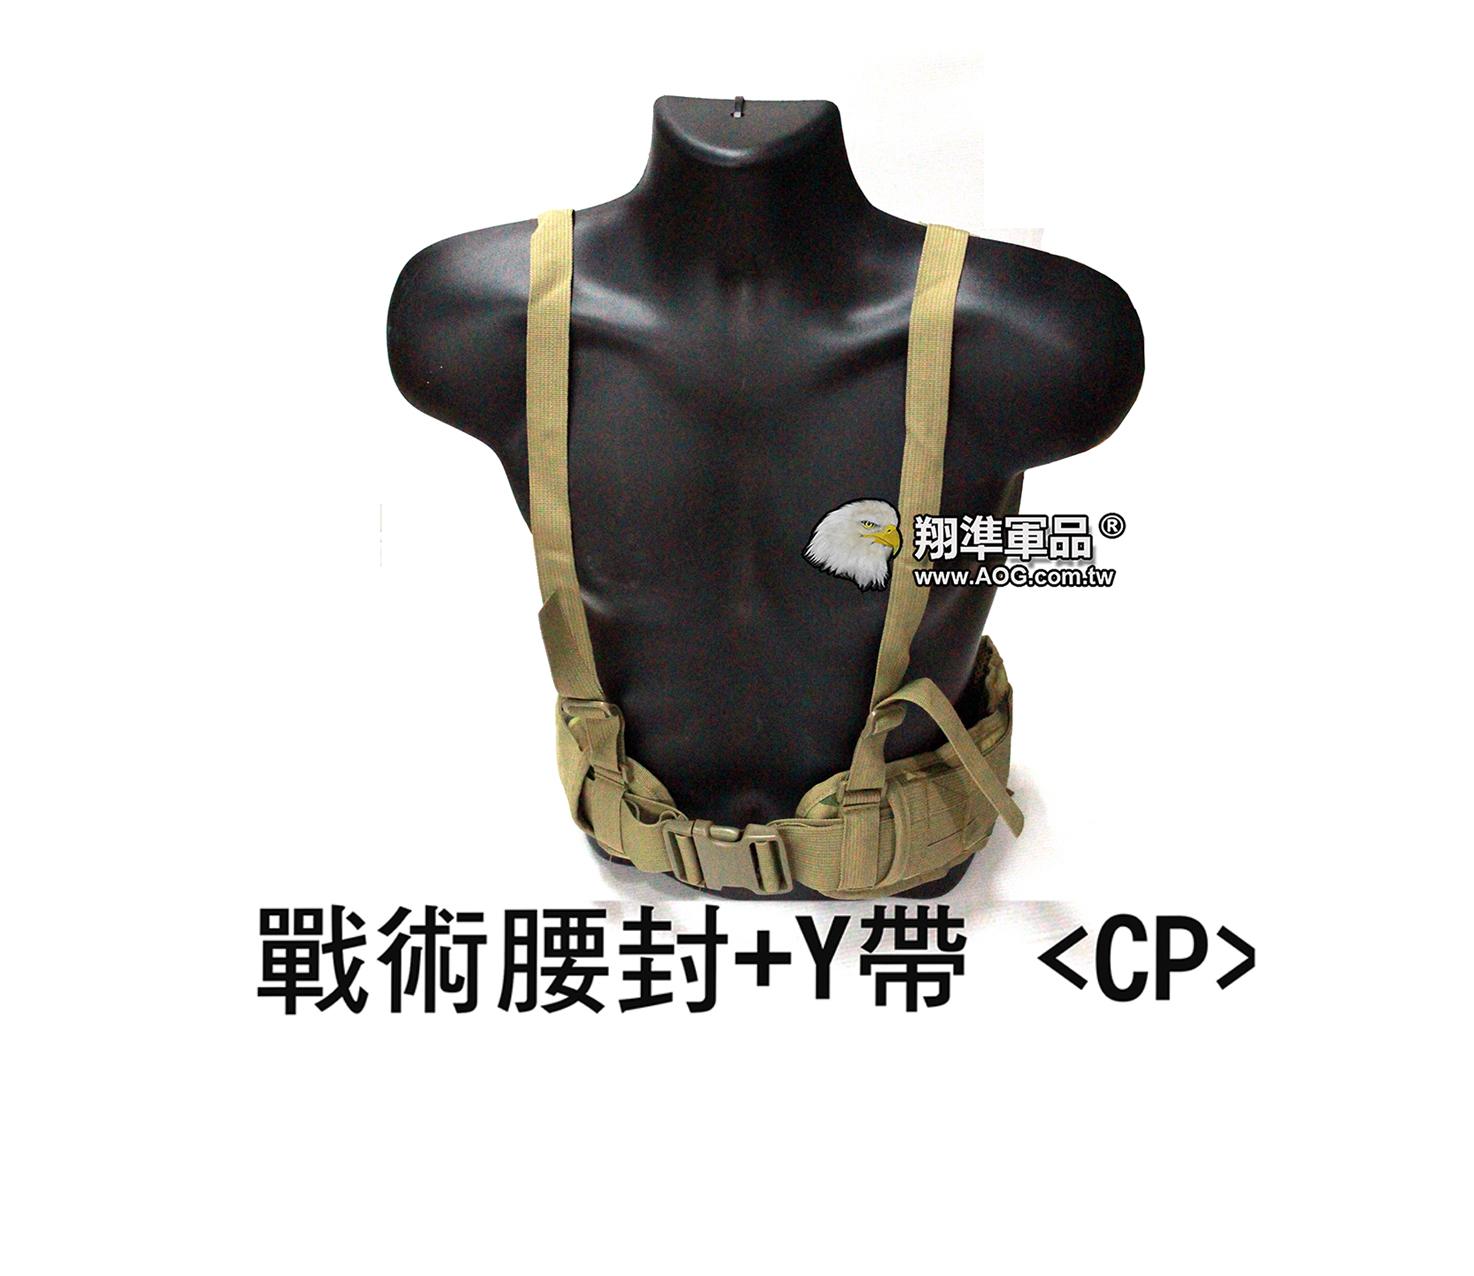 【翔準軍品AOG】戰術腰封+Y帶<CP> 腰封 戰術 多地 腰帶 Molle P8004-4